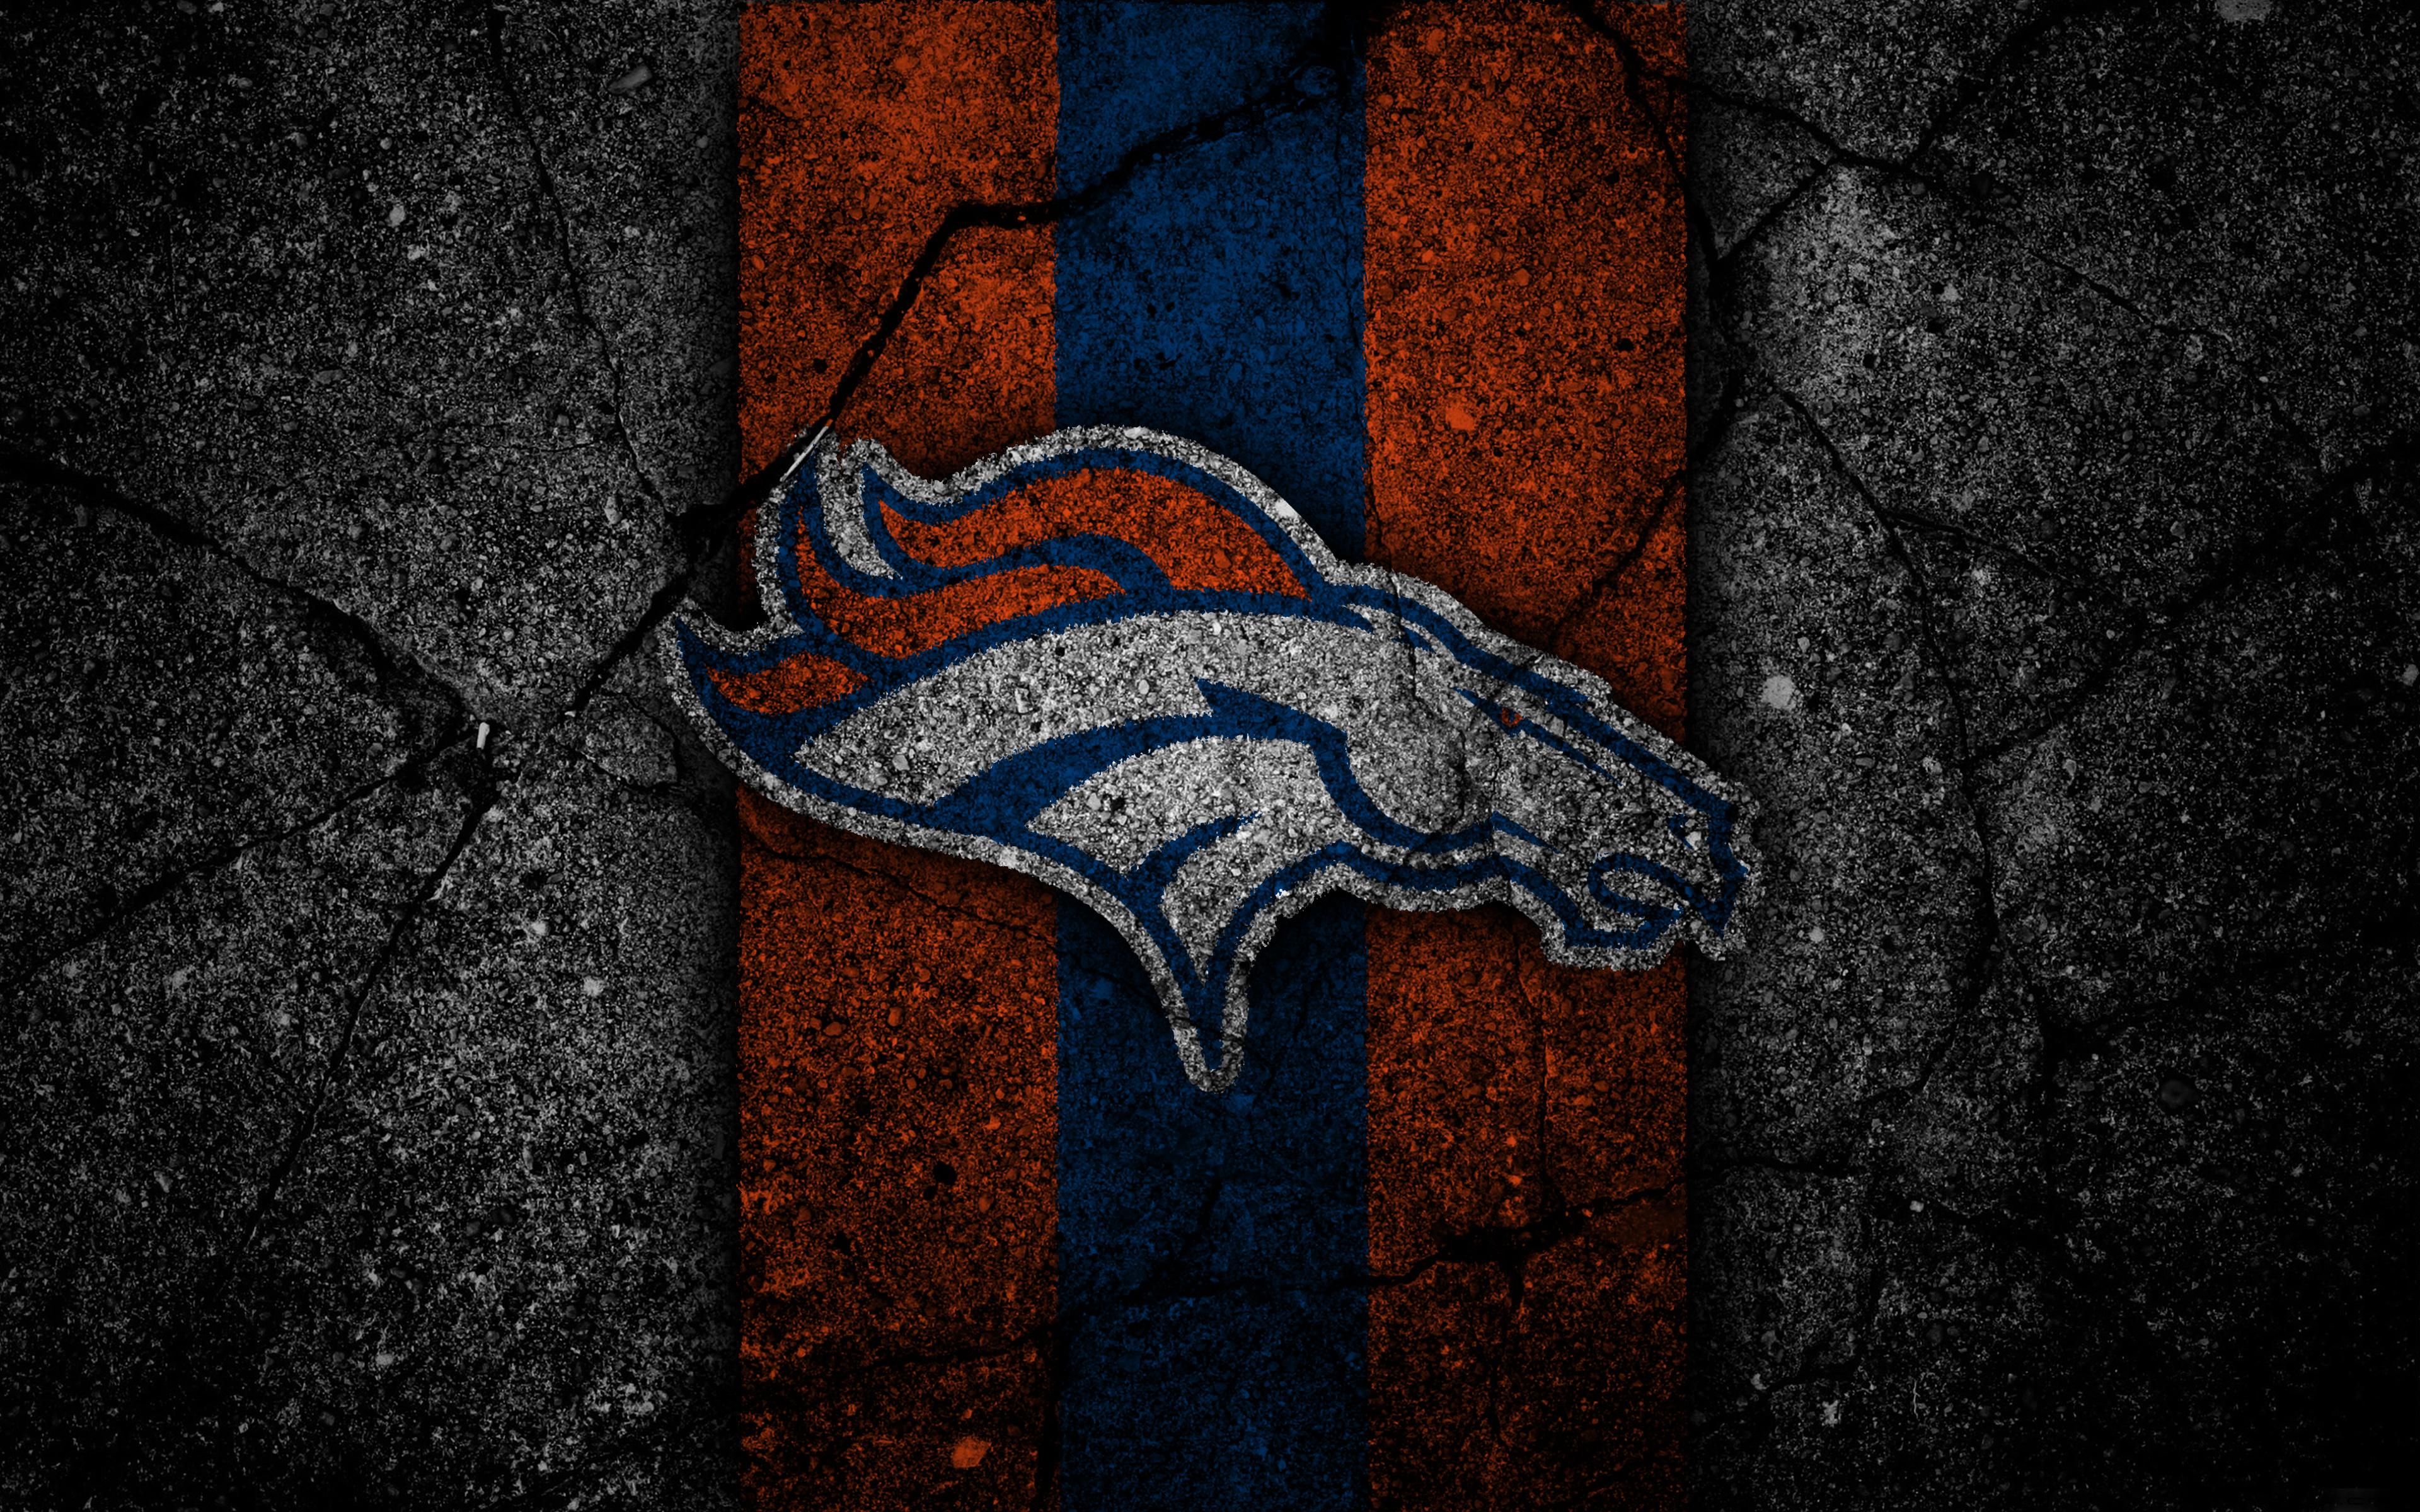 Denver broncos 4k ultra hd wallpaper background image 3840x2400 id 982048 wallpaper abyss - Cool broncos wallpaper ...